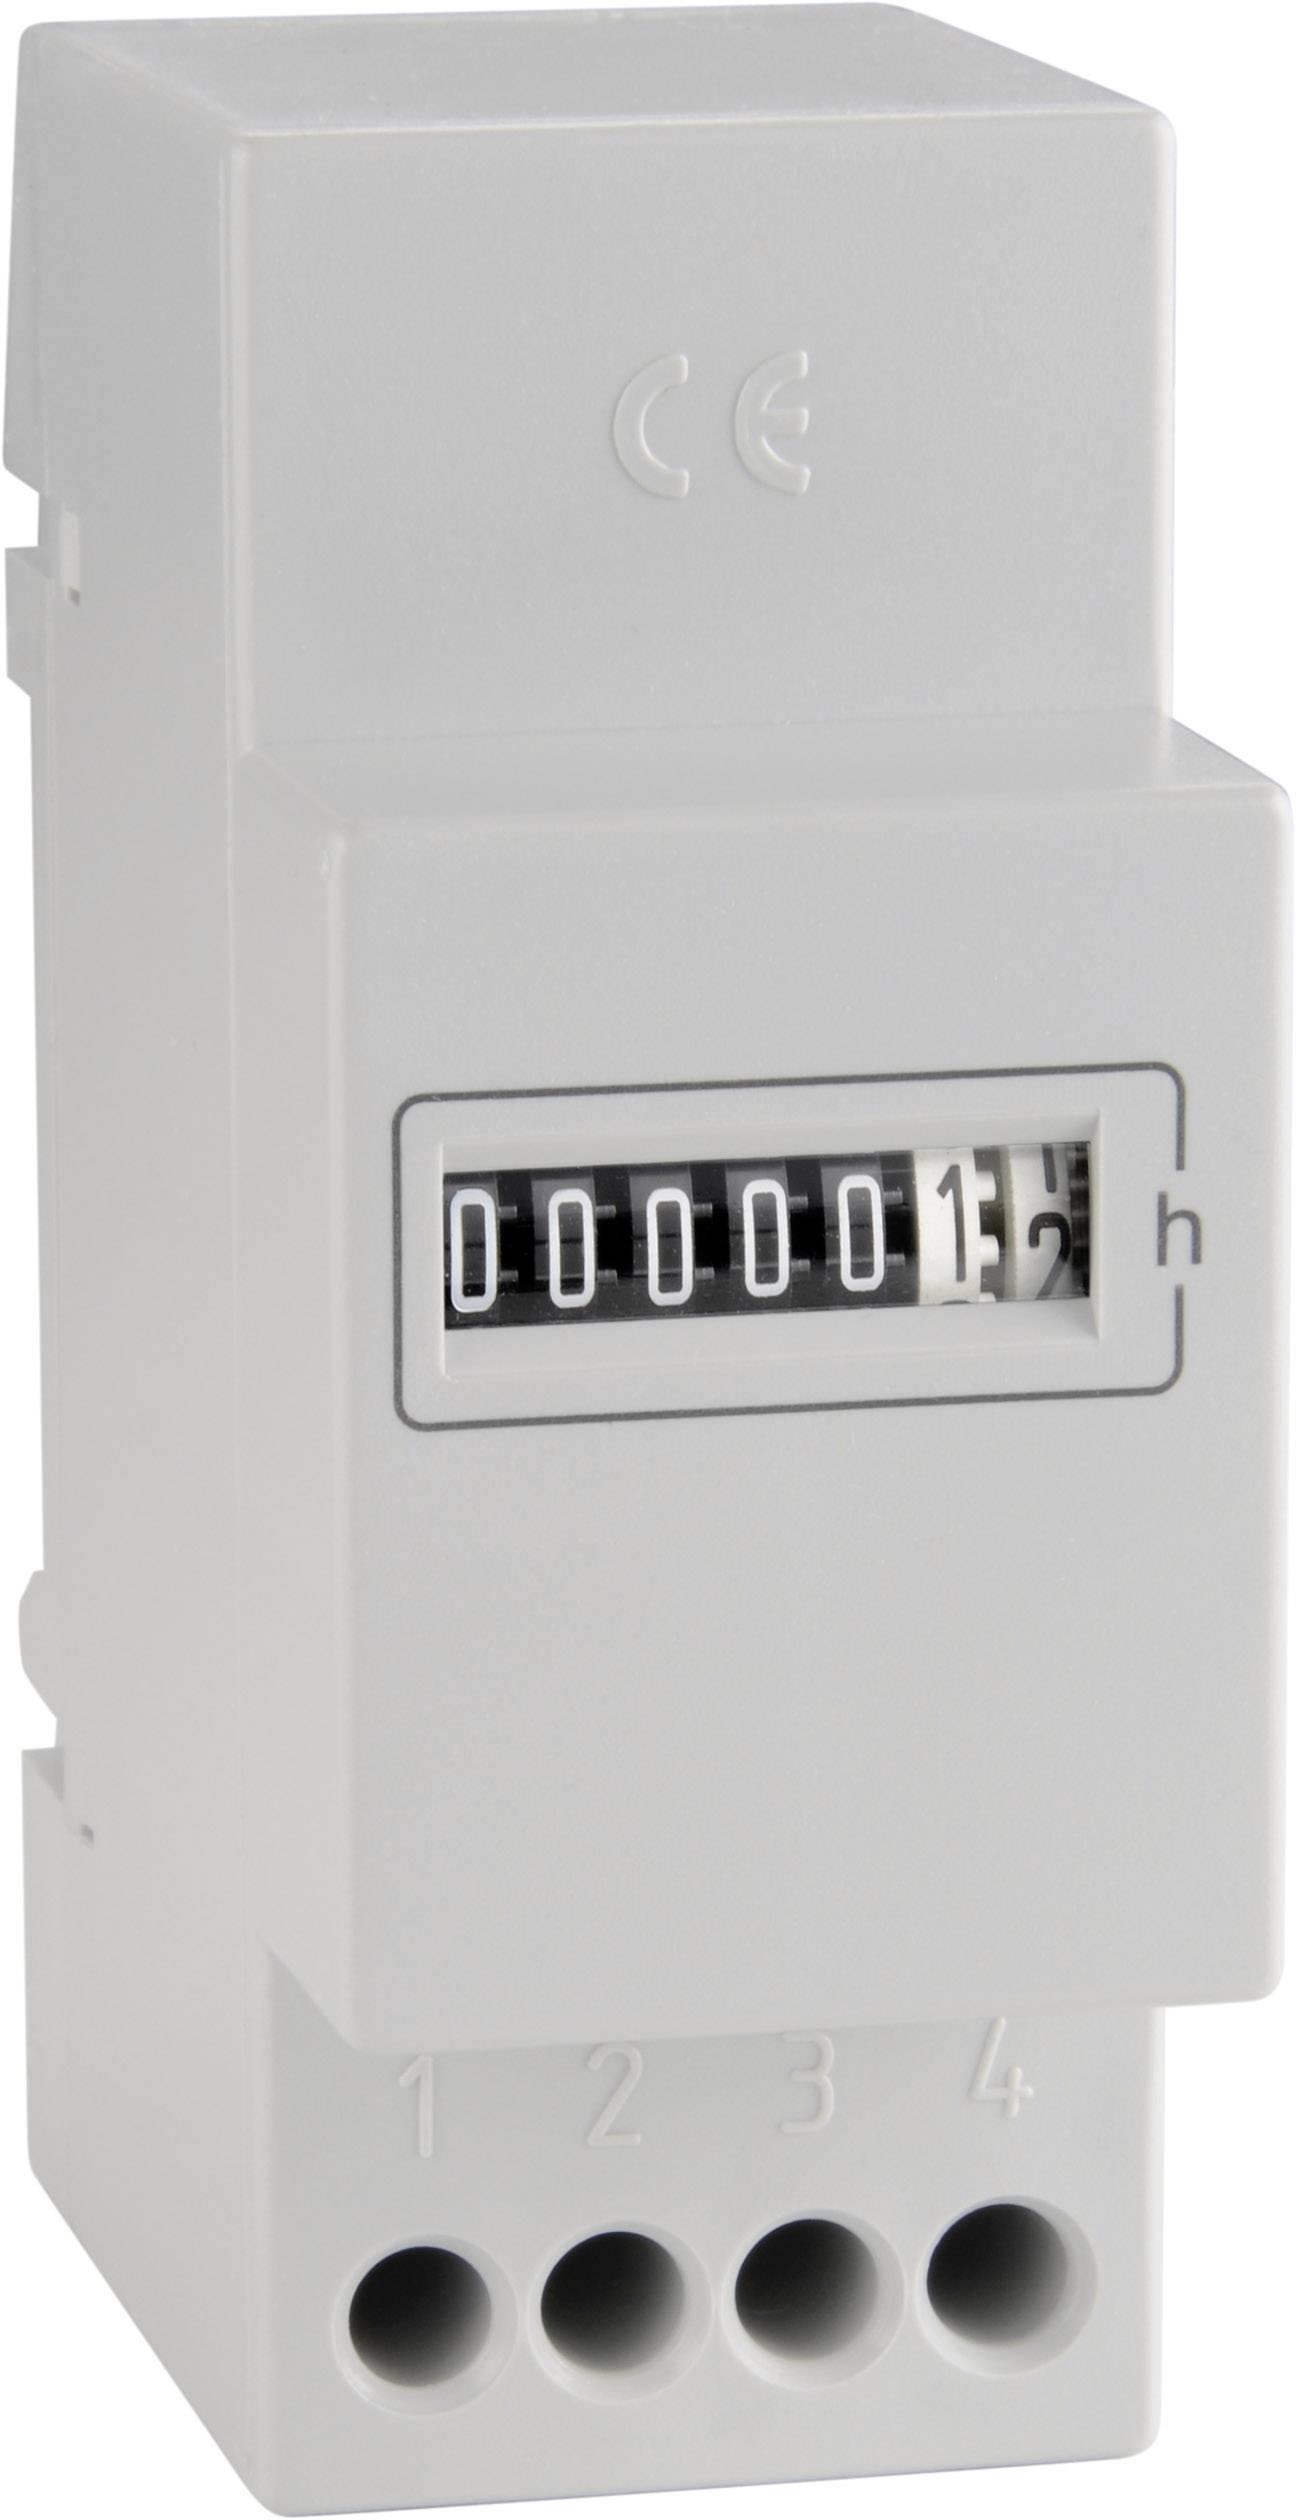 Počítadlo prevádzkových hodín Bauser 661.6, 230 V/AC